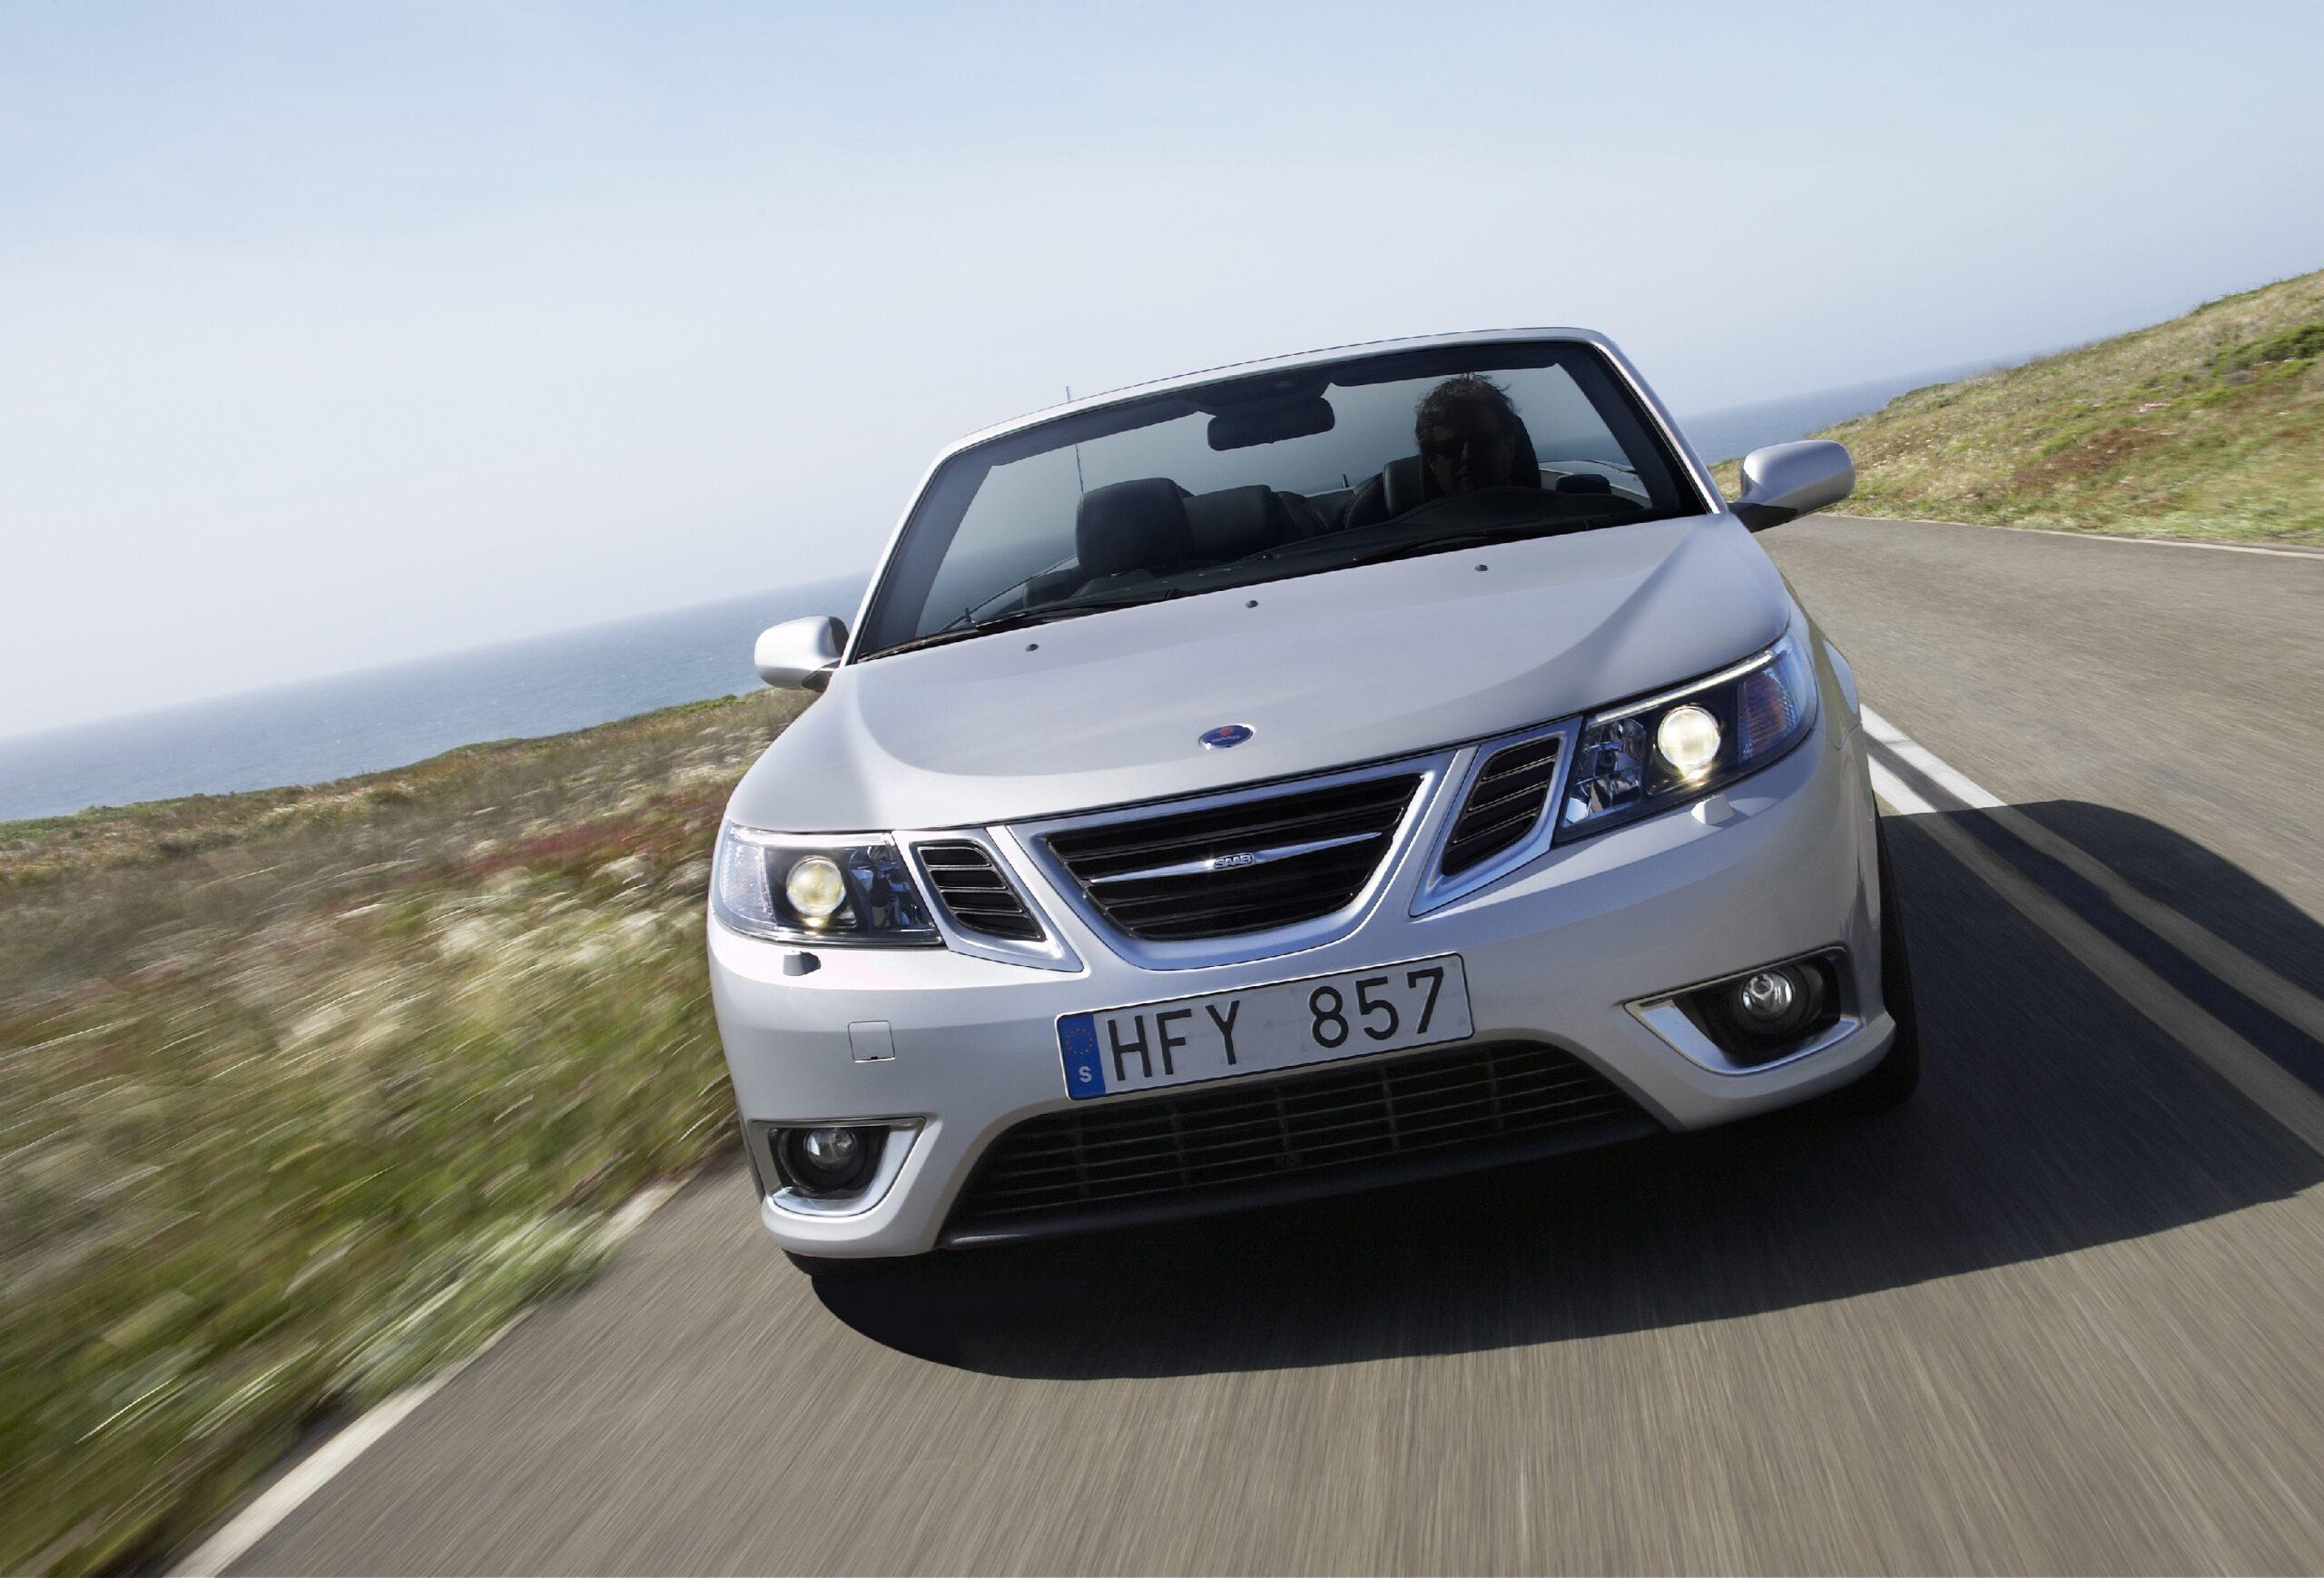 El Saab 9-3 podría regresar a la producción en 2013